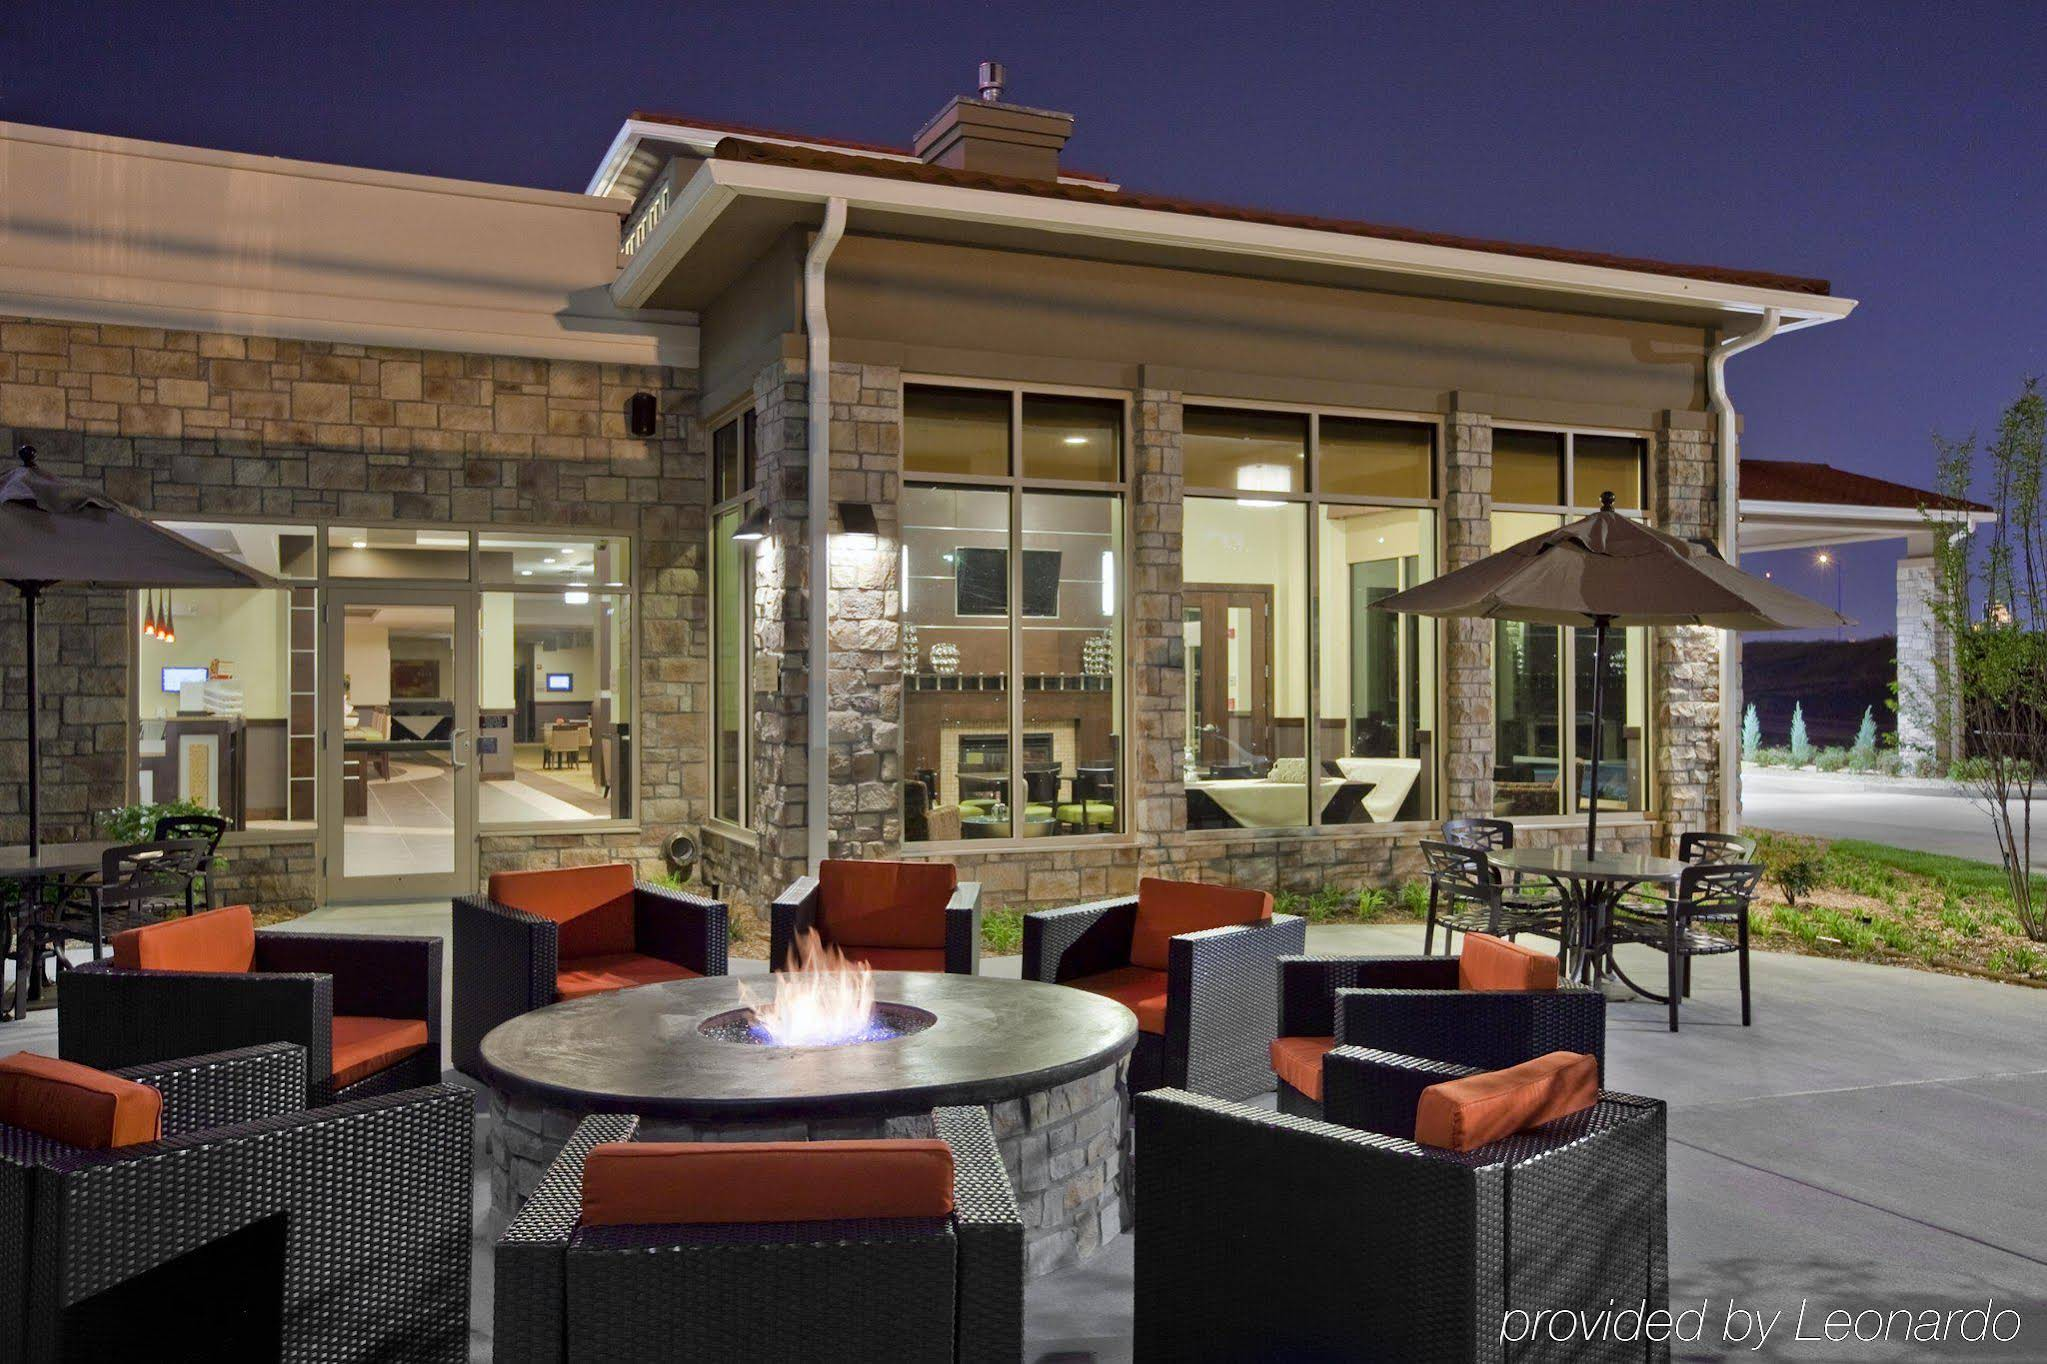 Hilton Garden Inn Springfield, MO